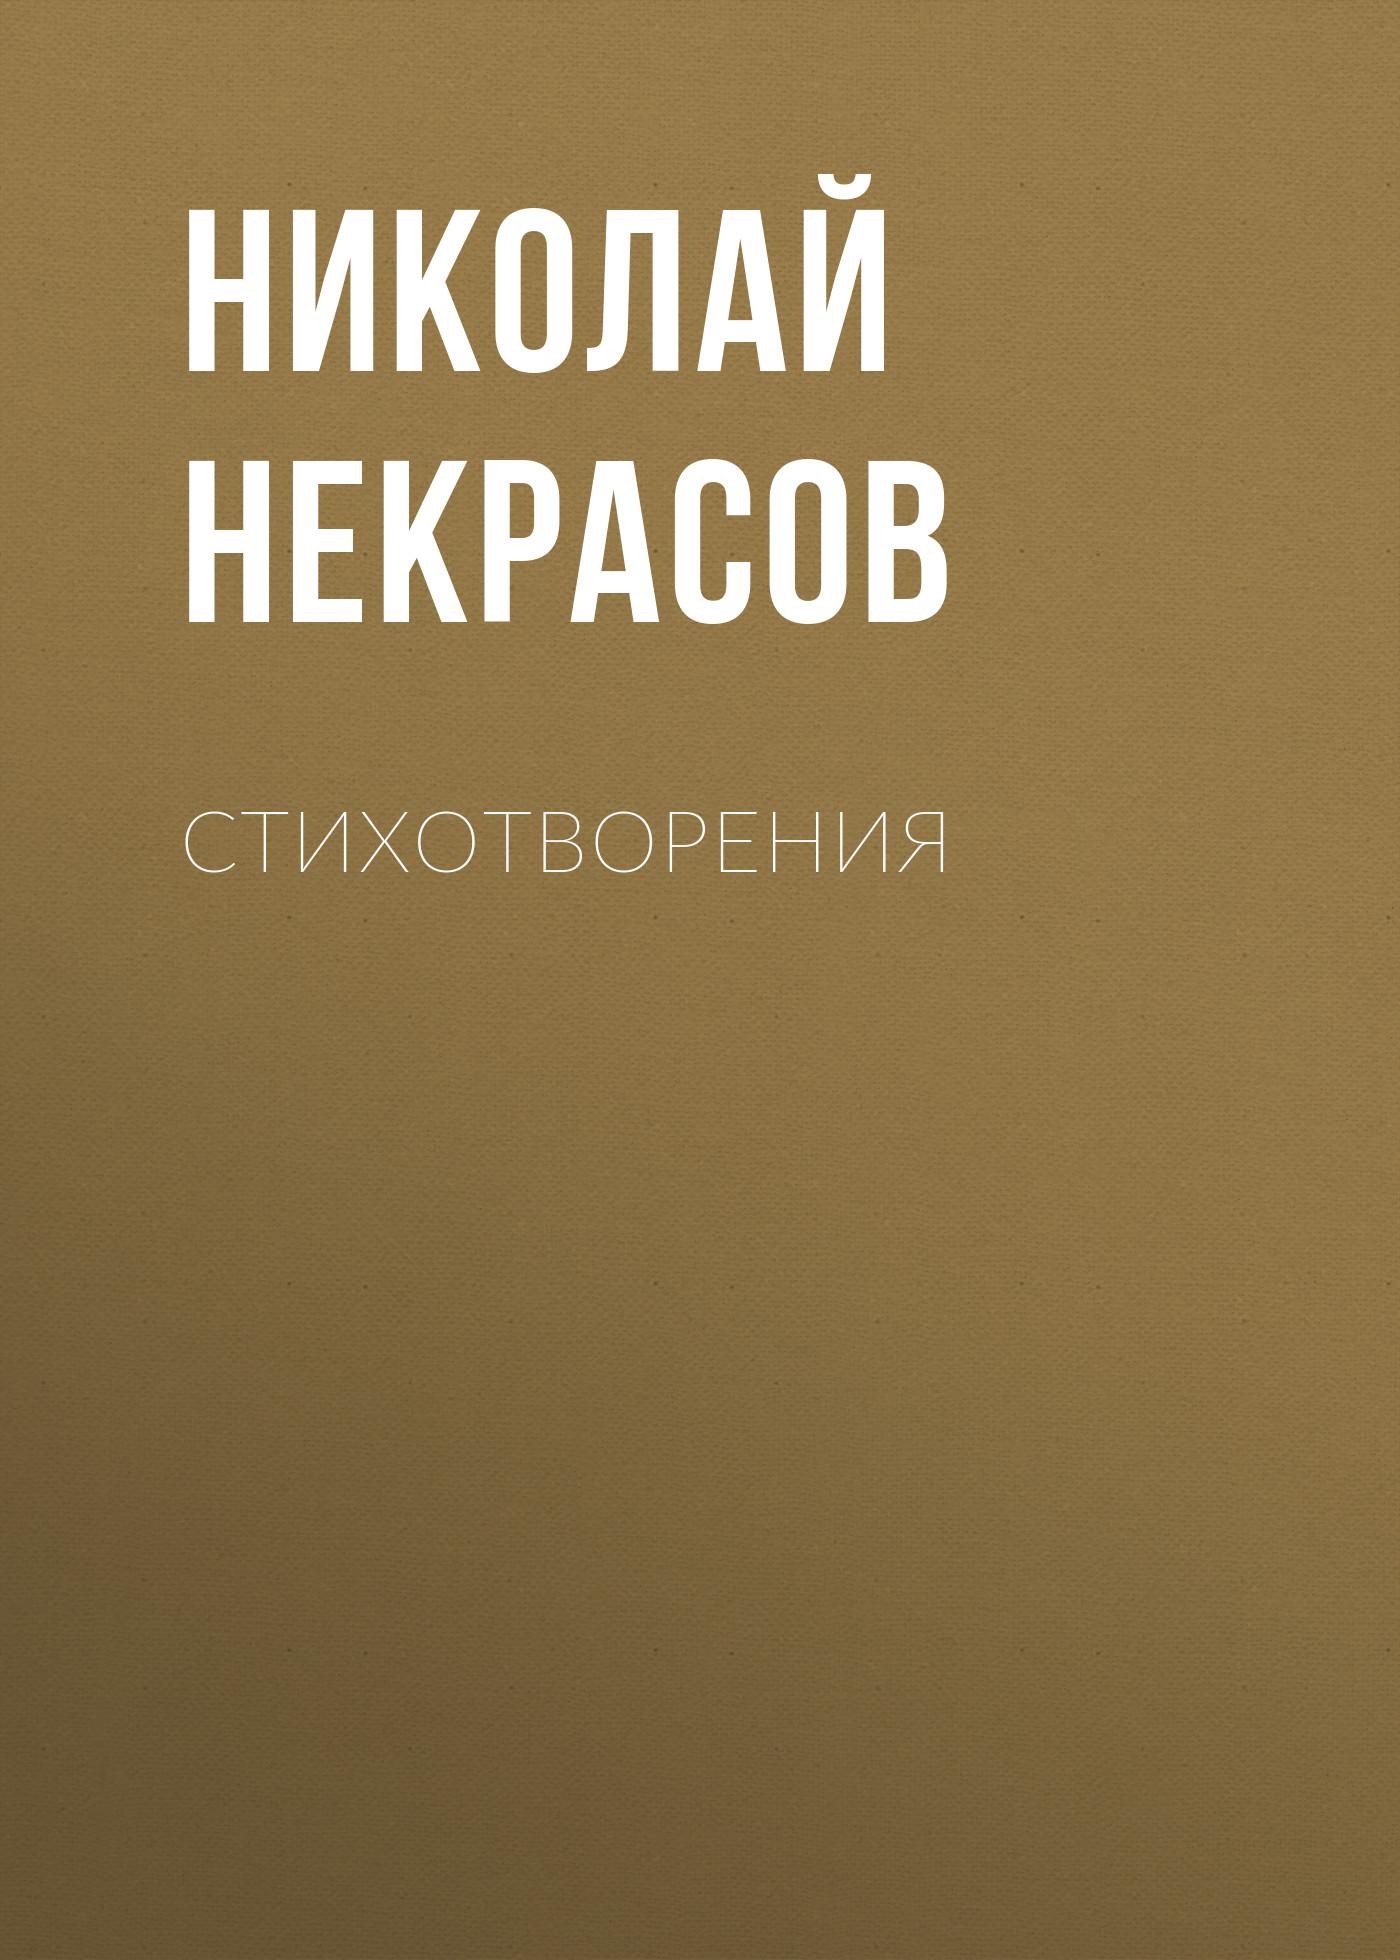 Николай Некрасов Стихотворения алена некрасова зарисовки одной дамочки